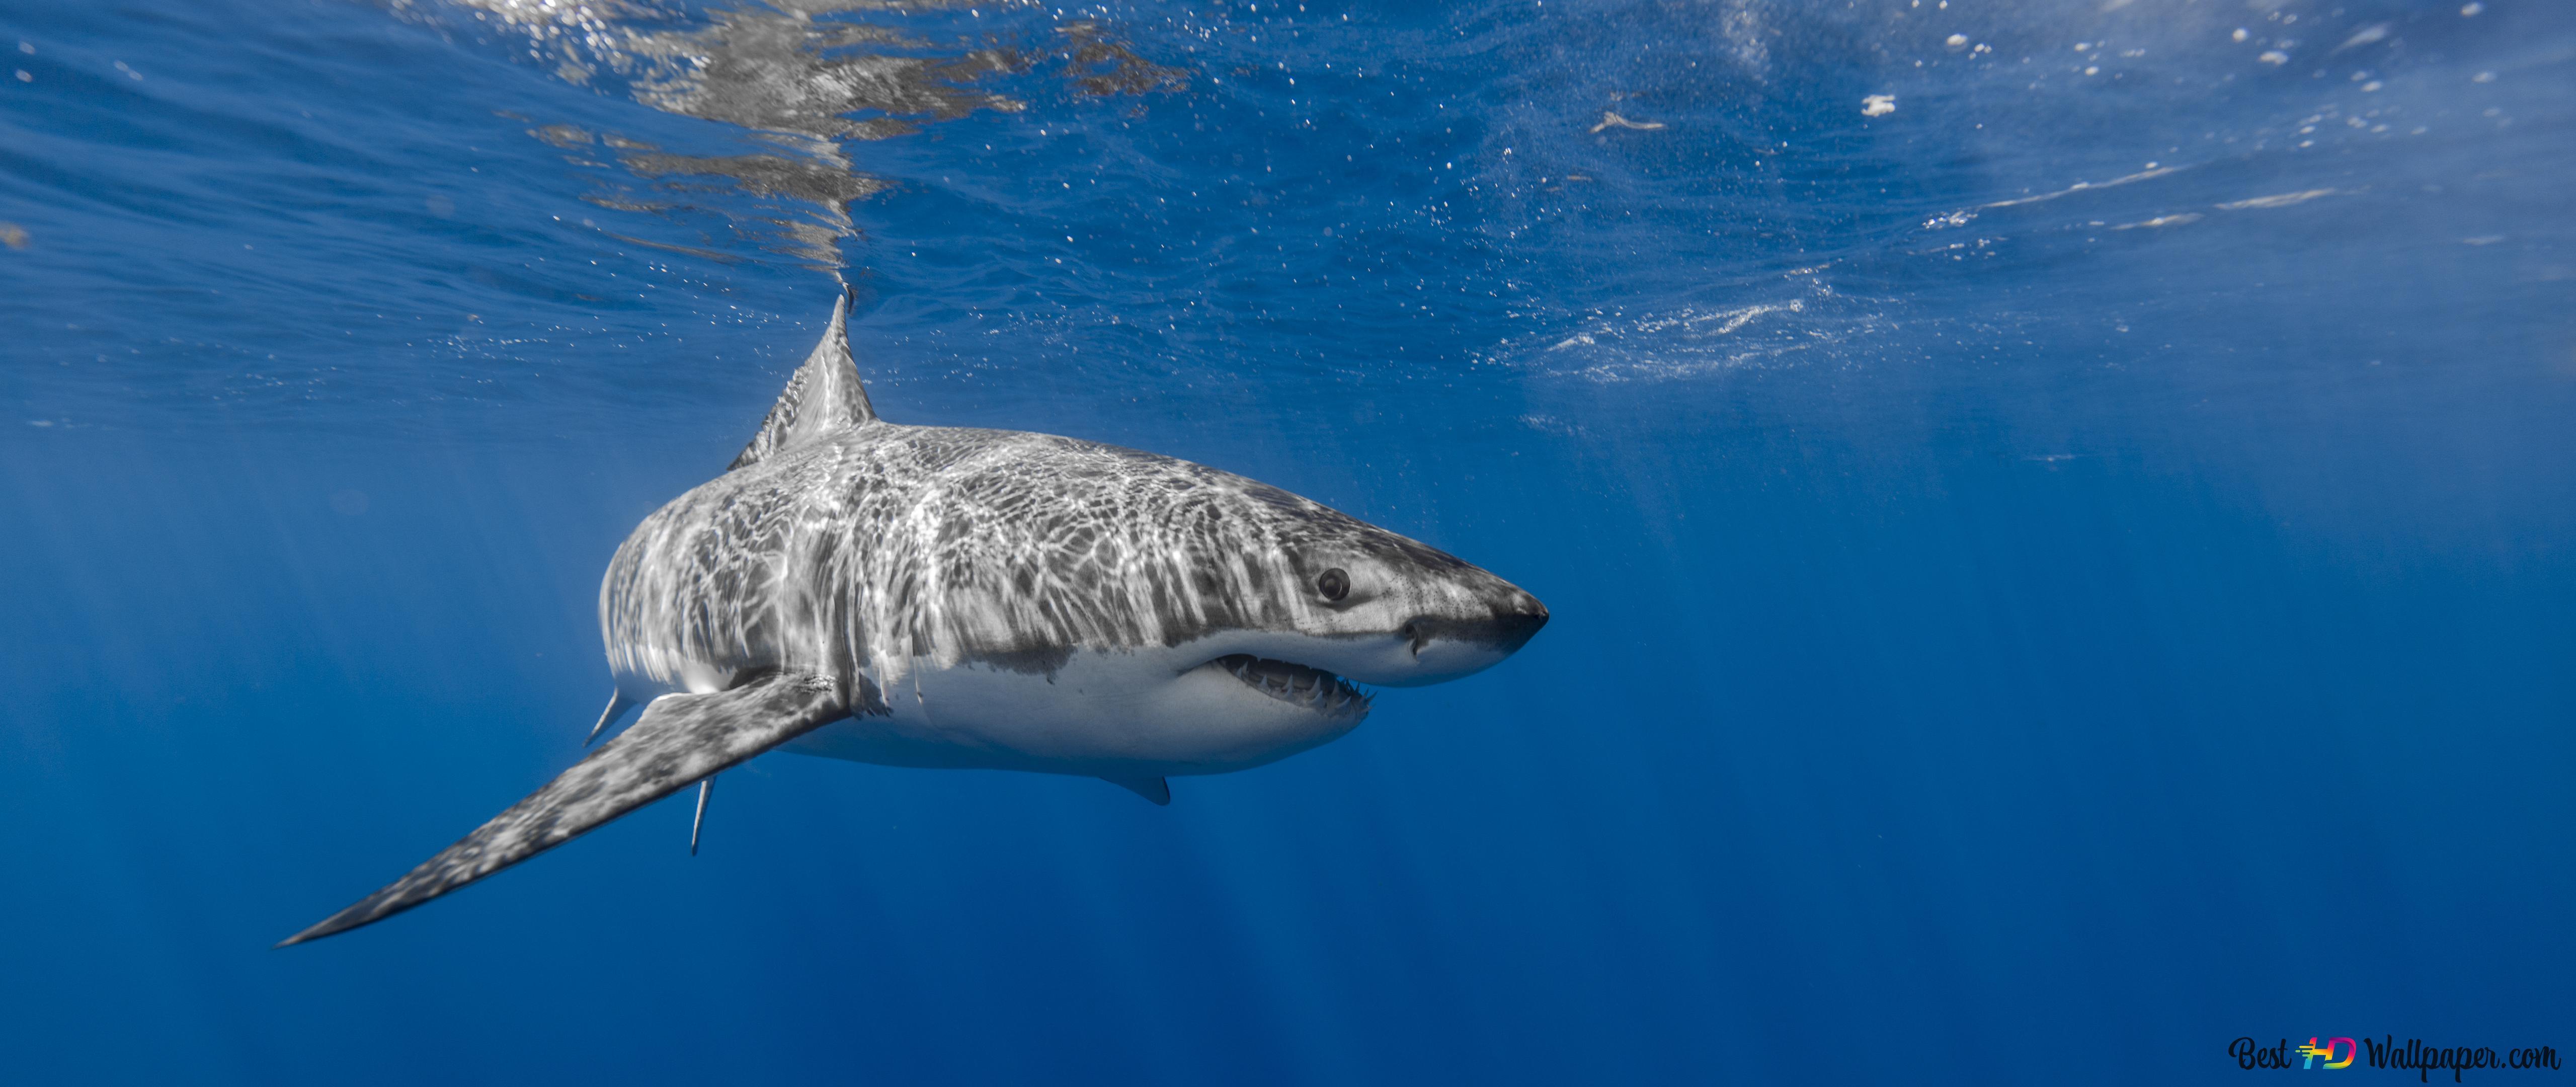 サメ 水中捕食者 Hd壁紙のダウンロード